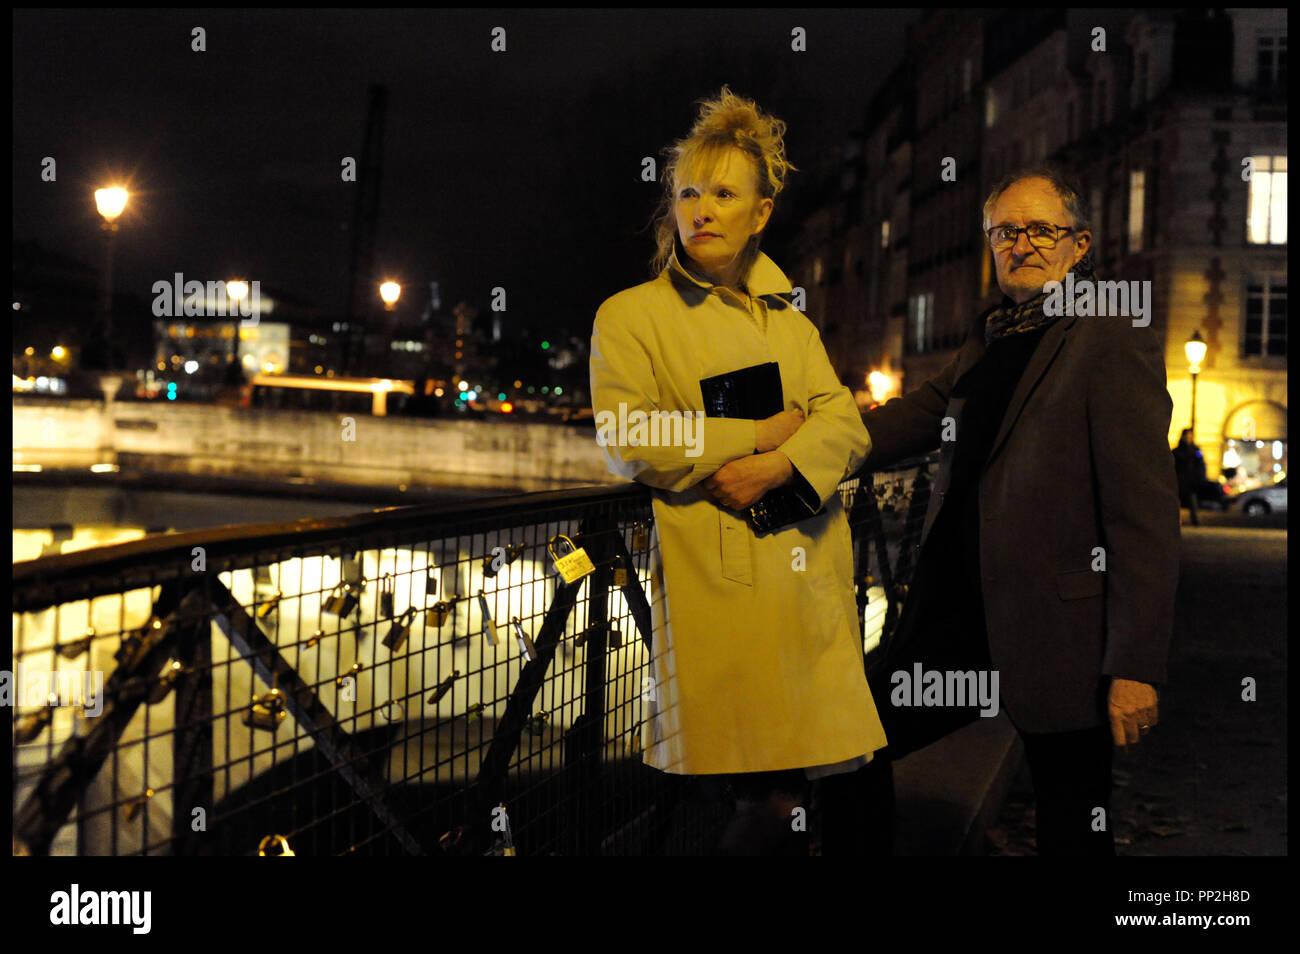 Prod DB © N. Dove - Film4 - Free Range Films - Le Bureau / DR UN WEEK-END A PARIS (LE WEEK-END) de Roger Michell 2013 GB avec Lindsay Duncan et Jim Broadbent  paris, france, pont des arts, couple age Stock Photo